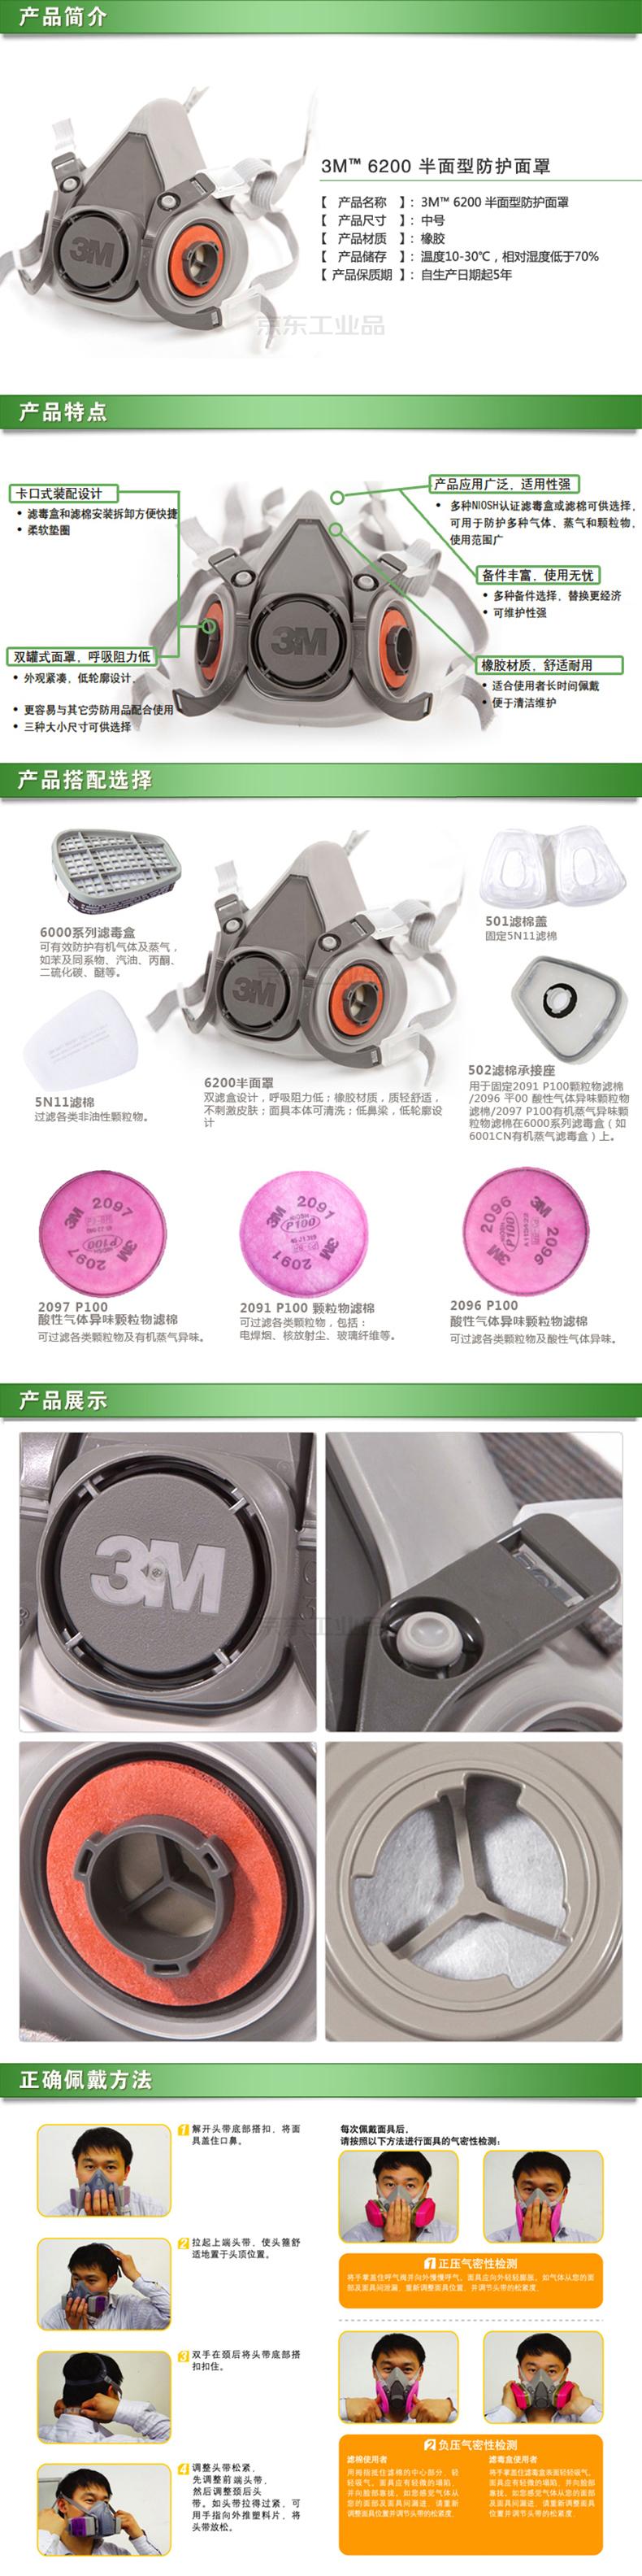 3M 半面型防护面罩 防尘防毒气及颗粒物 呼吸防毒半面罩